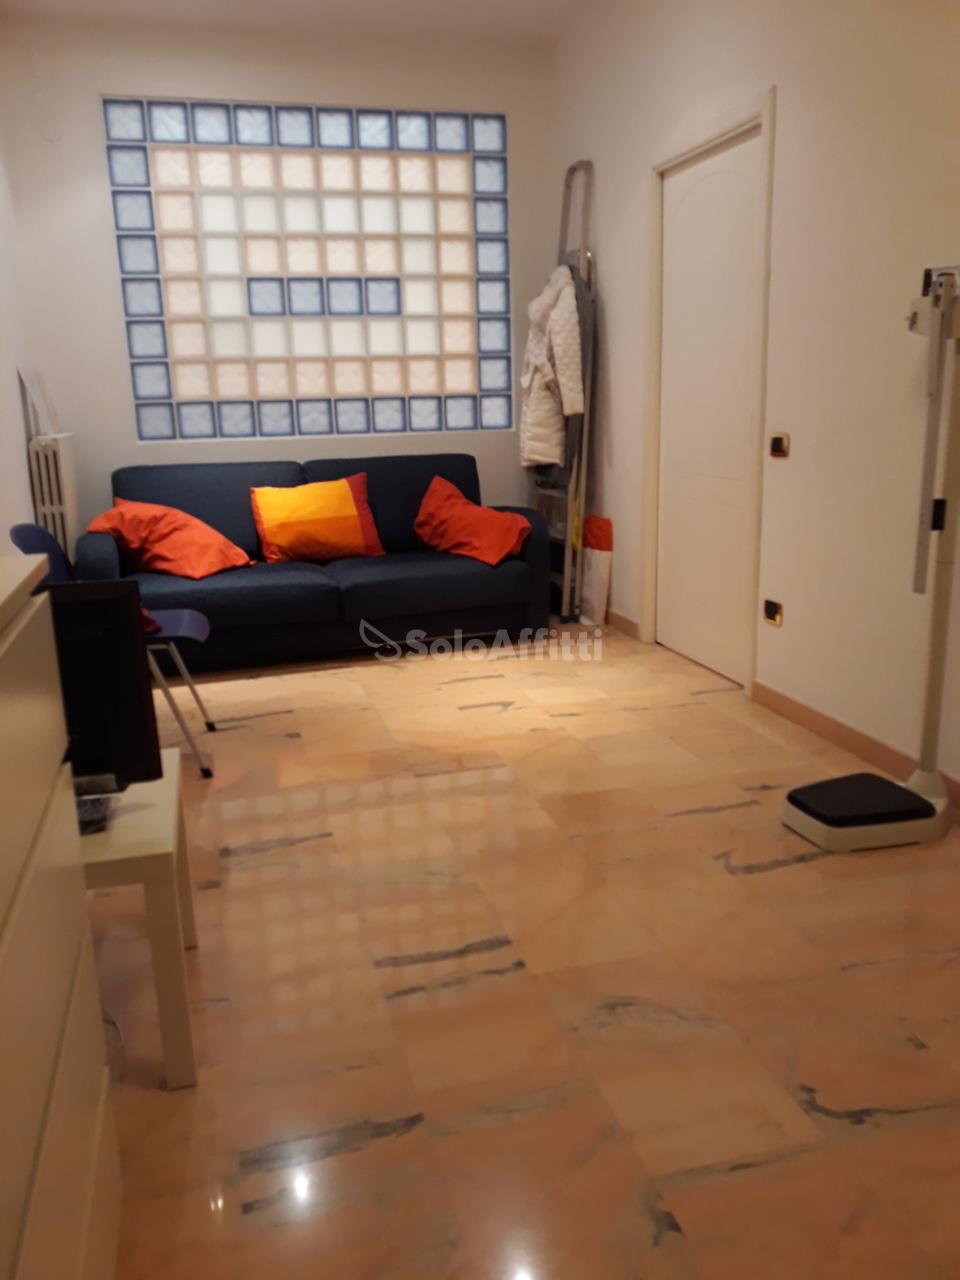 Ufficio - 1 locale a Centro, Salerno Rif. 9301854